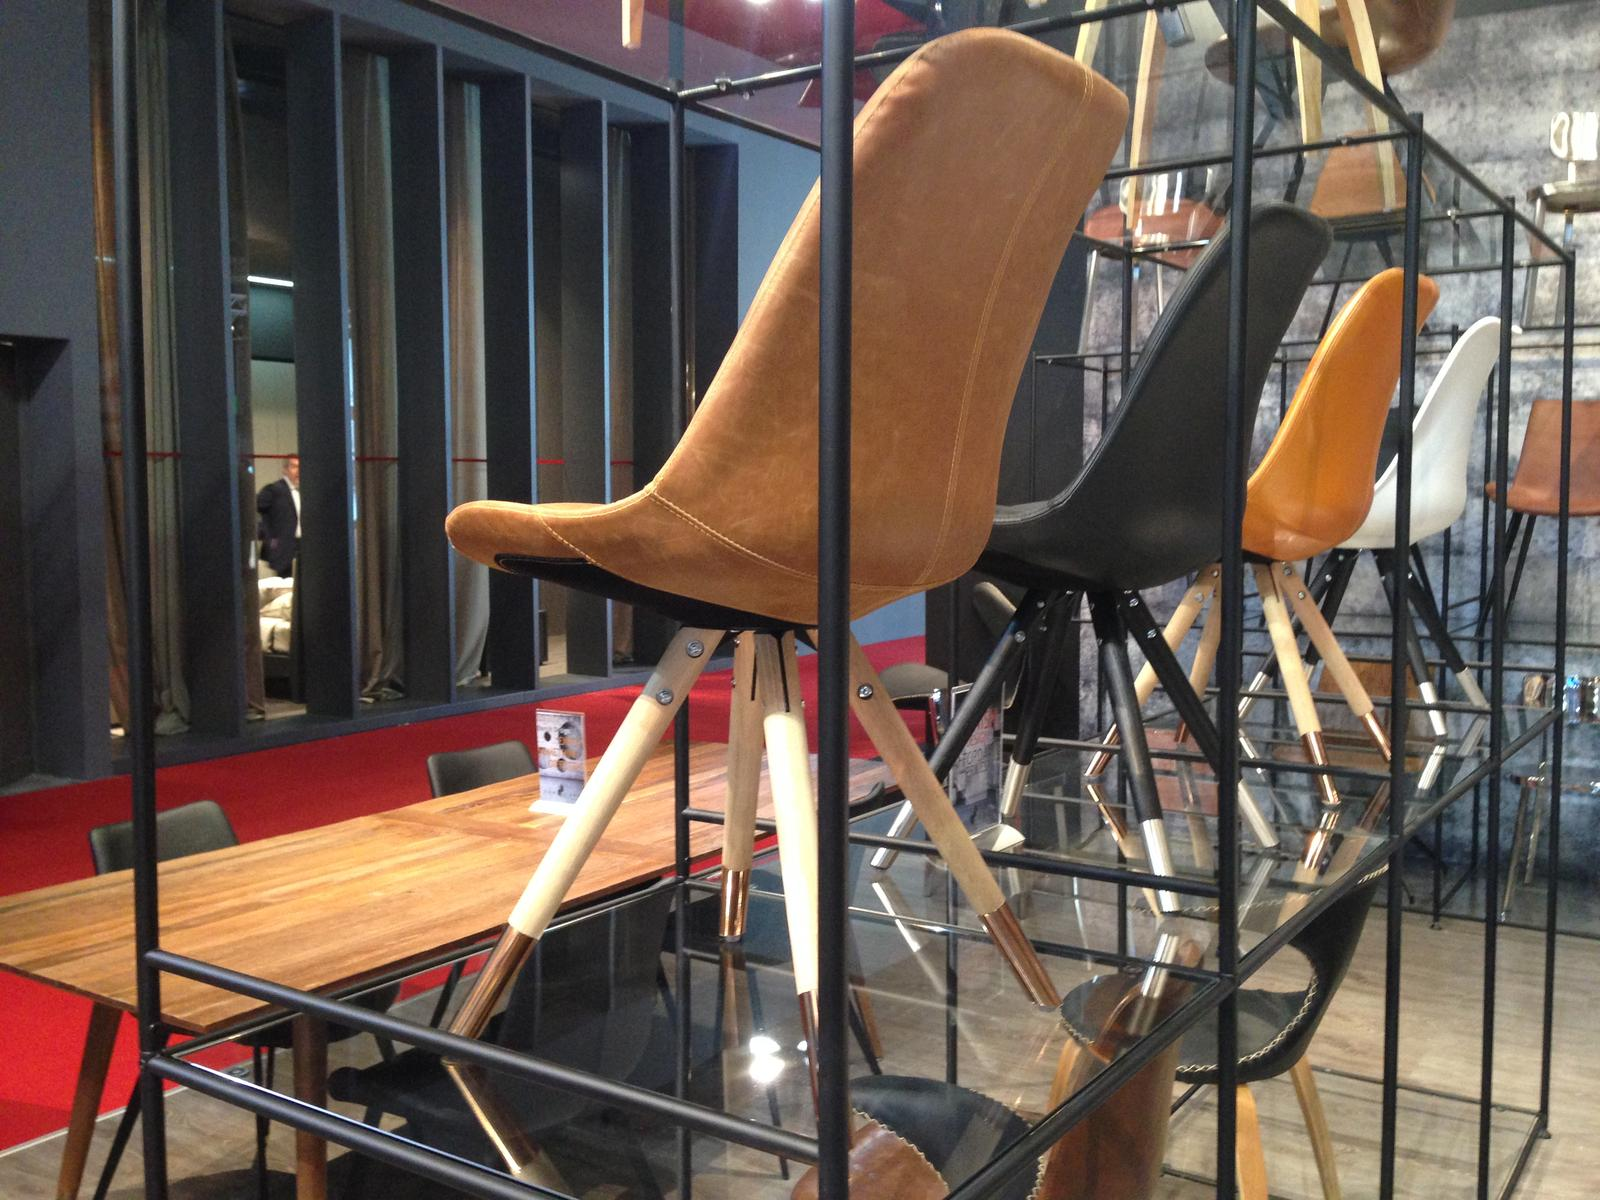 Milano - Salone del Mobile 2015 - Obrázek č. 12